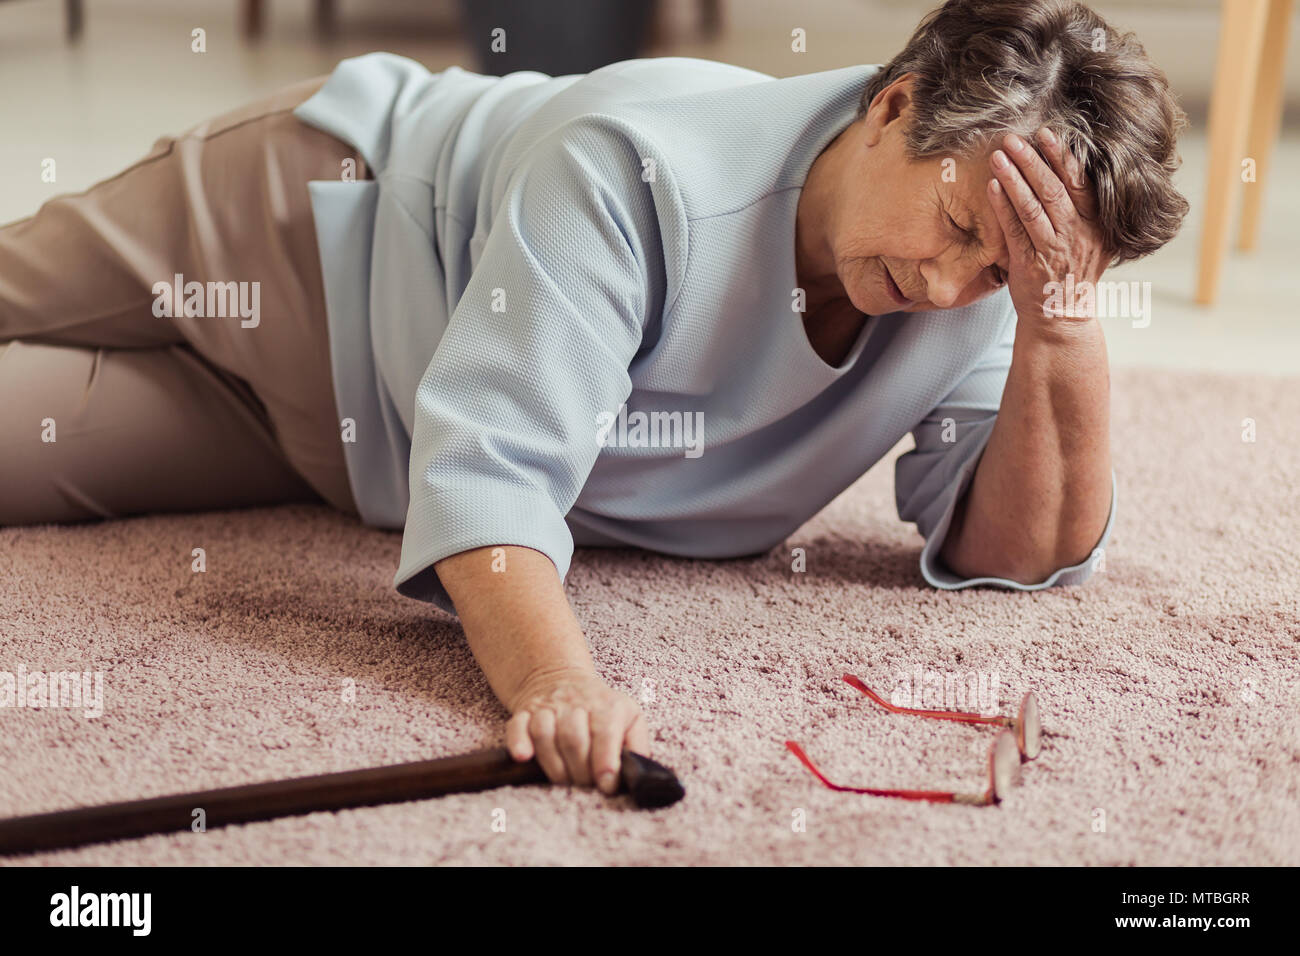 Malati senior donna con mal di testa sdraiato sul pavimento dopo la caduta verso il basso Foto Stock